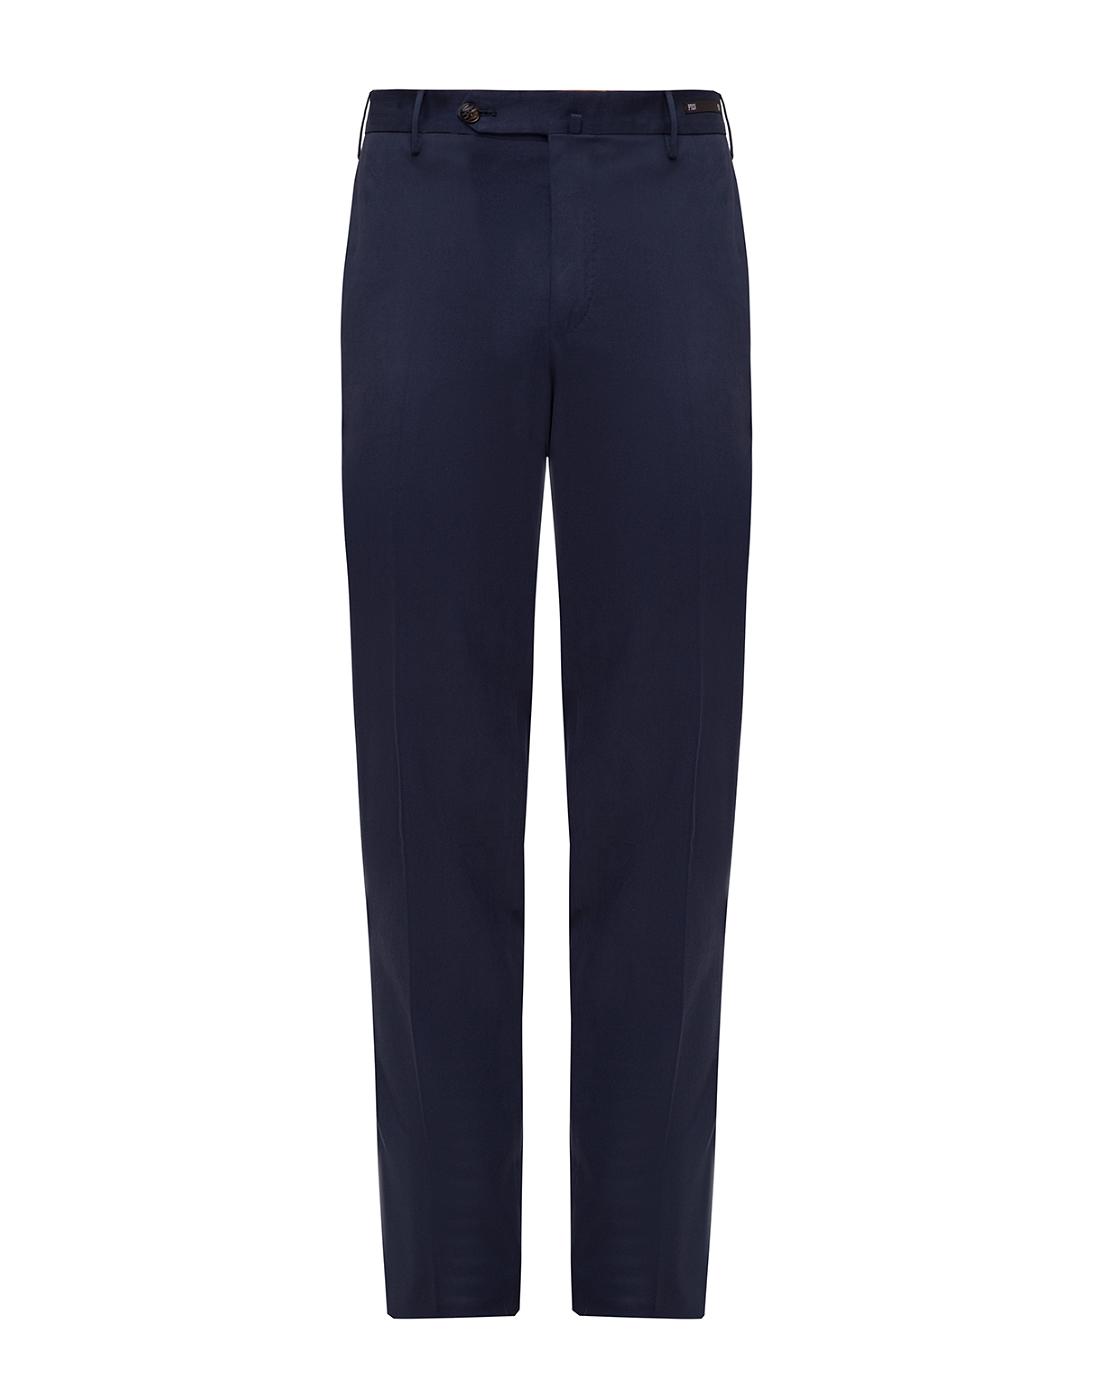 Мужские темно-синие брюки PT STU66 0360-1